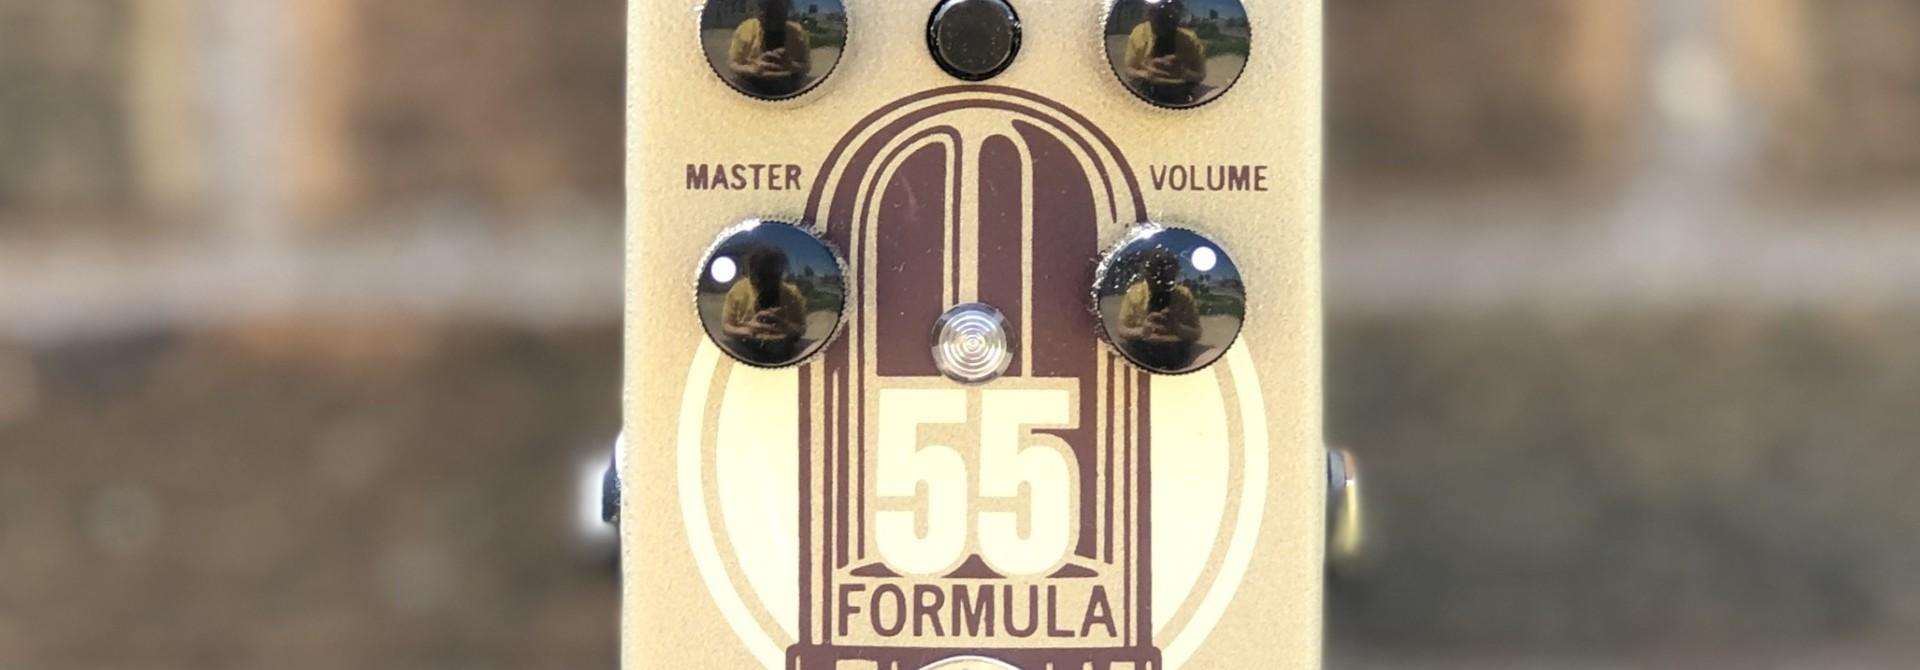 Catalinbread Formula No. 55